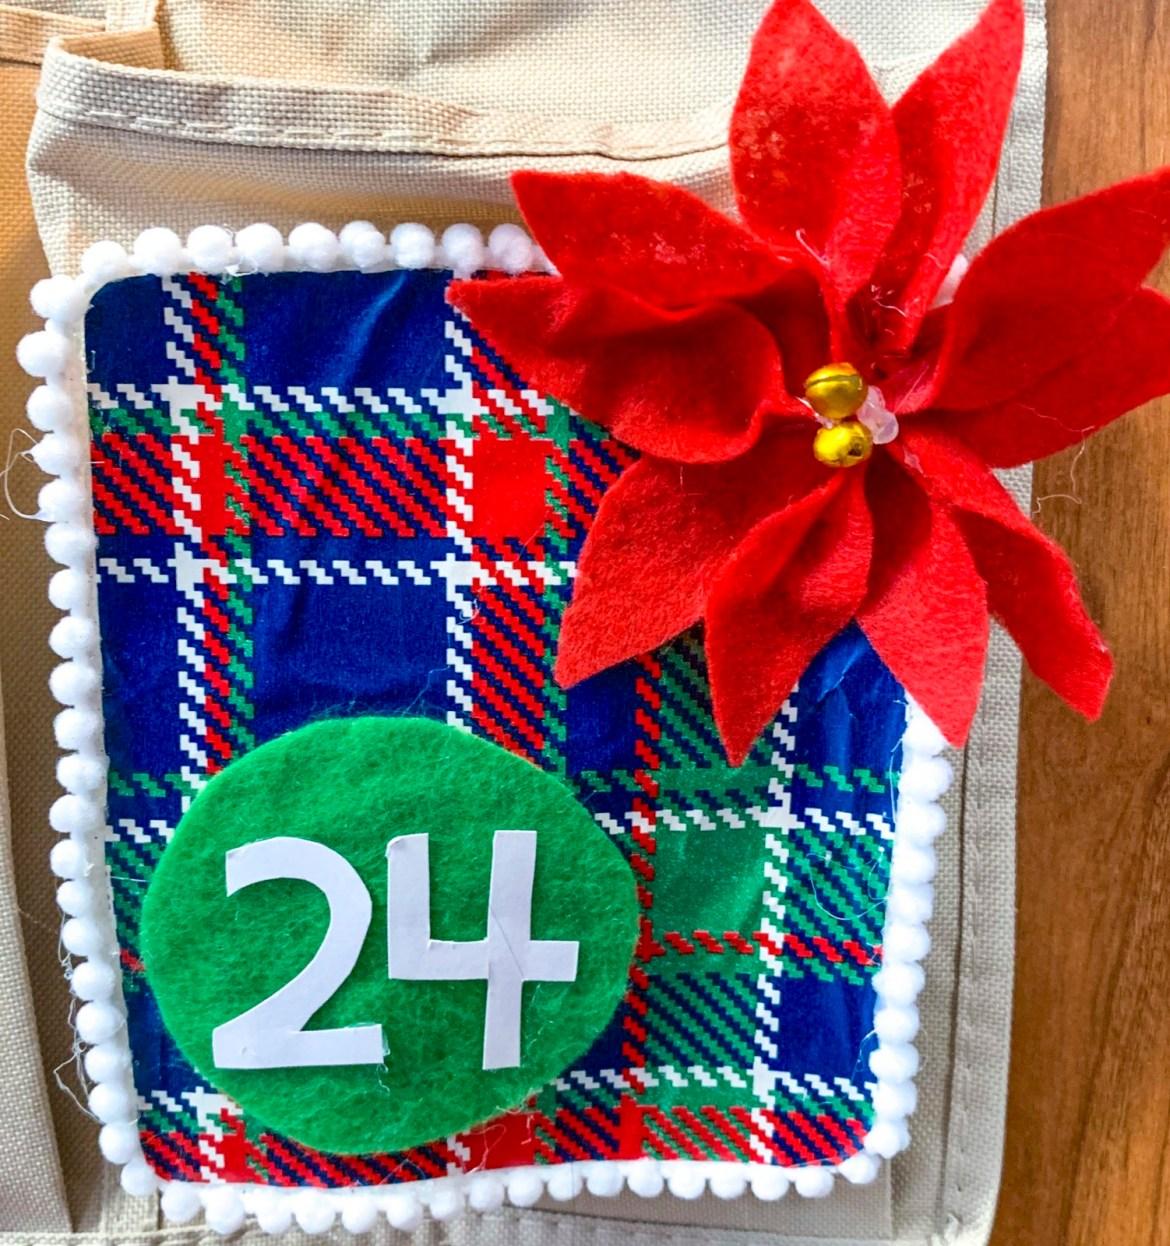 DIY an Advent Calendar